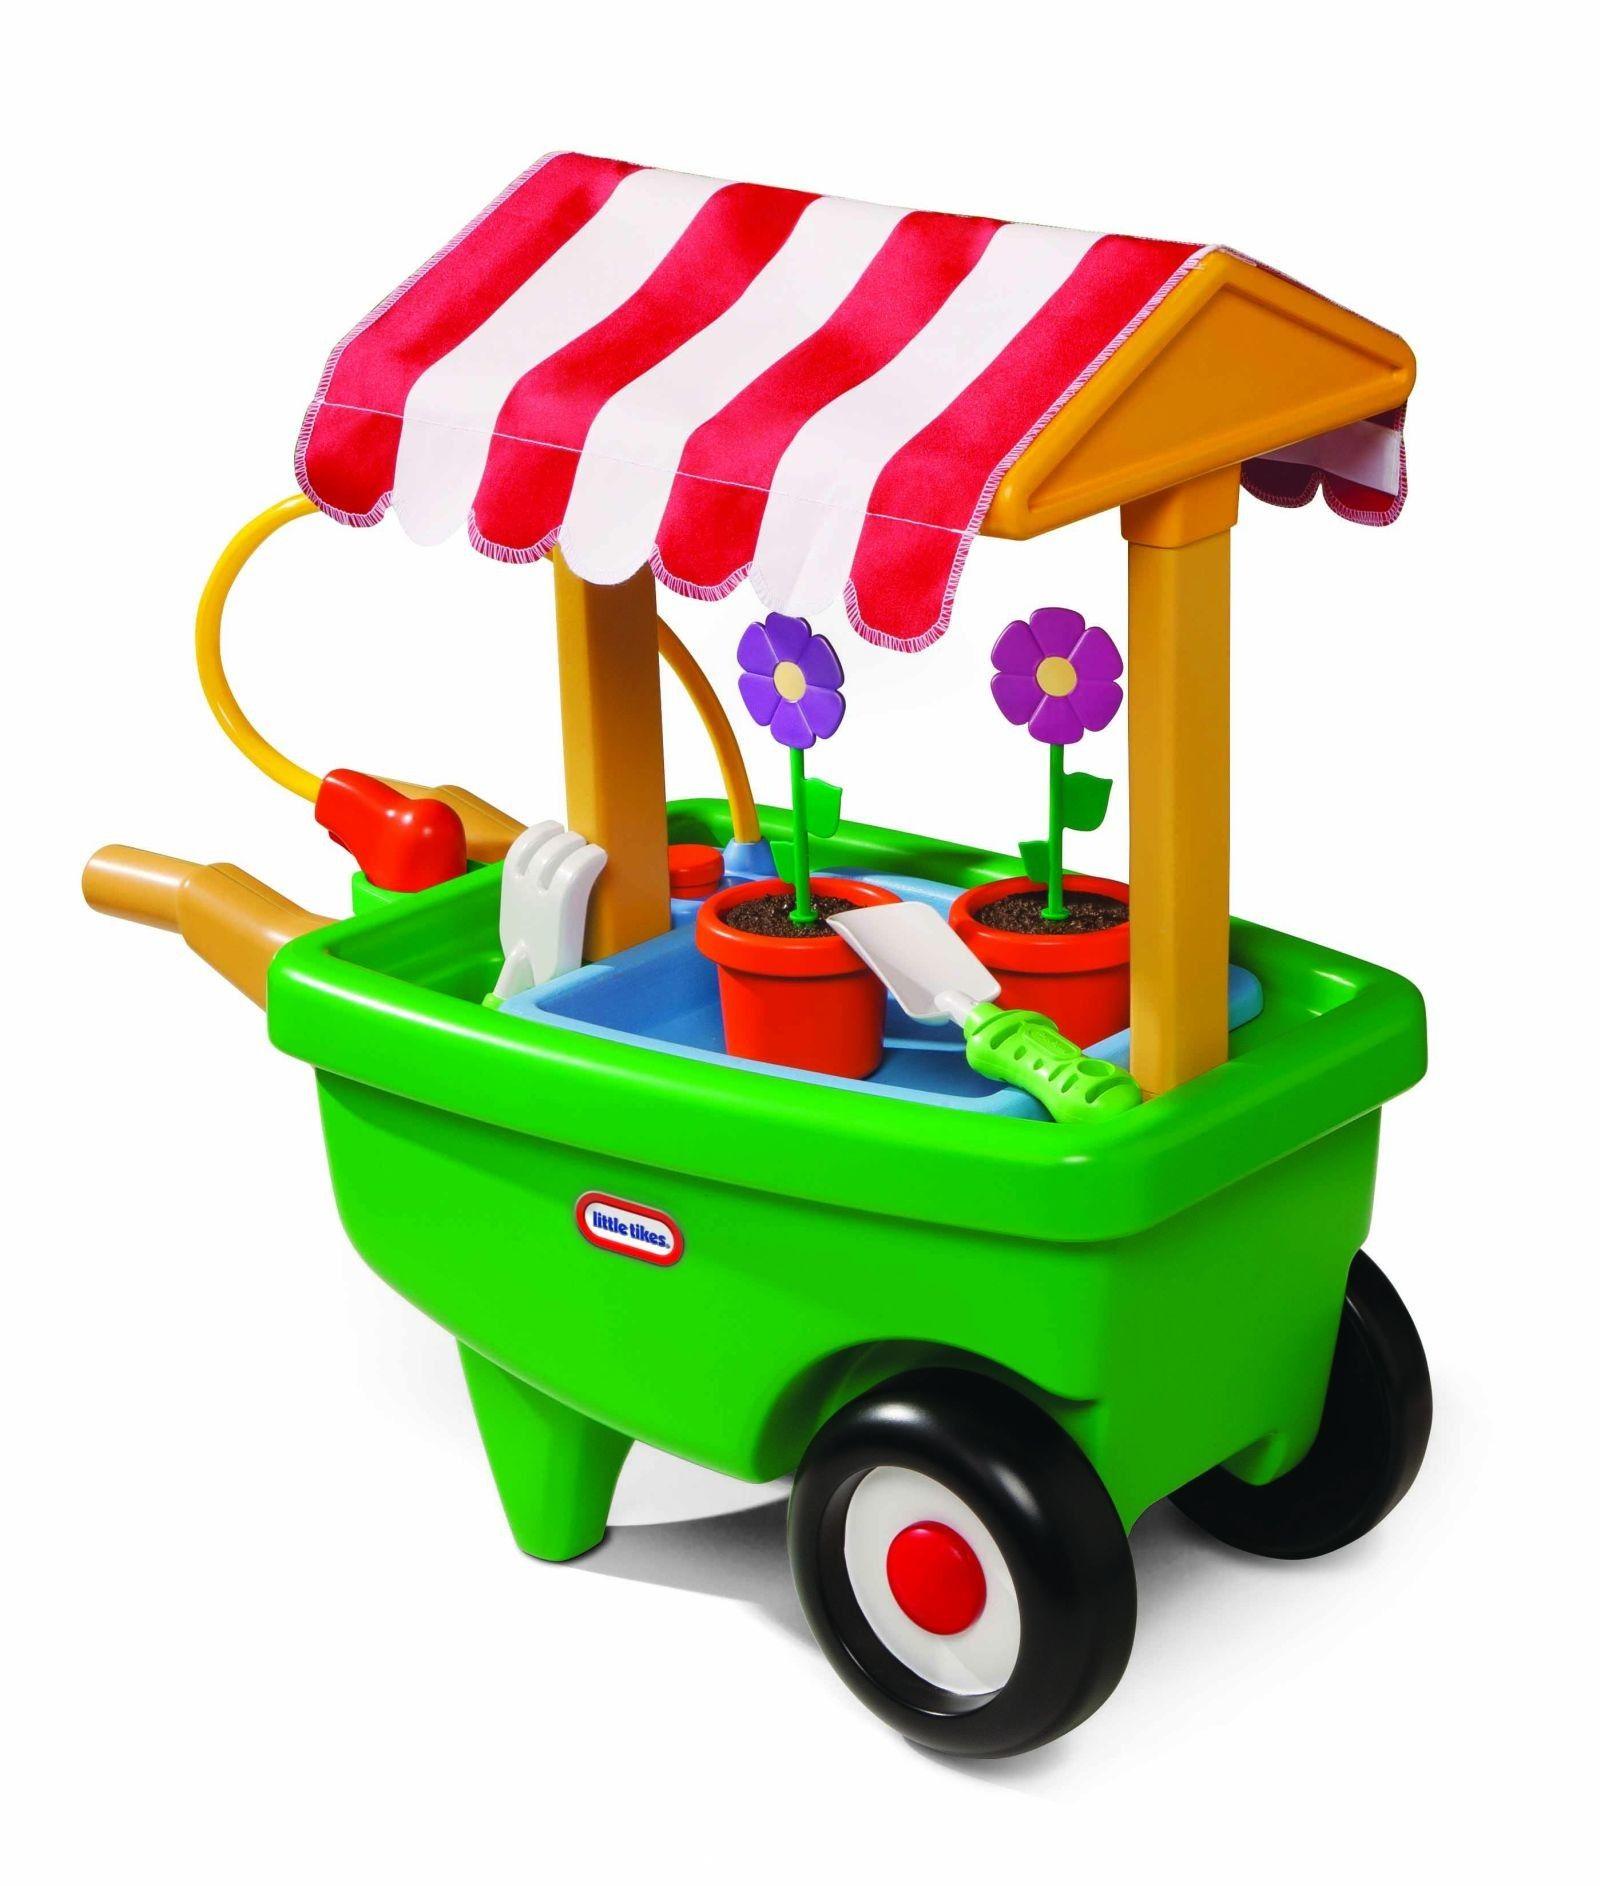 Little Tikes 8-in-8 Garden Cart and Wheelbarrow & Reviews